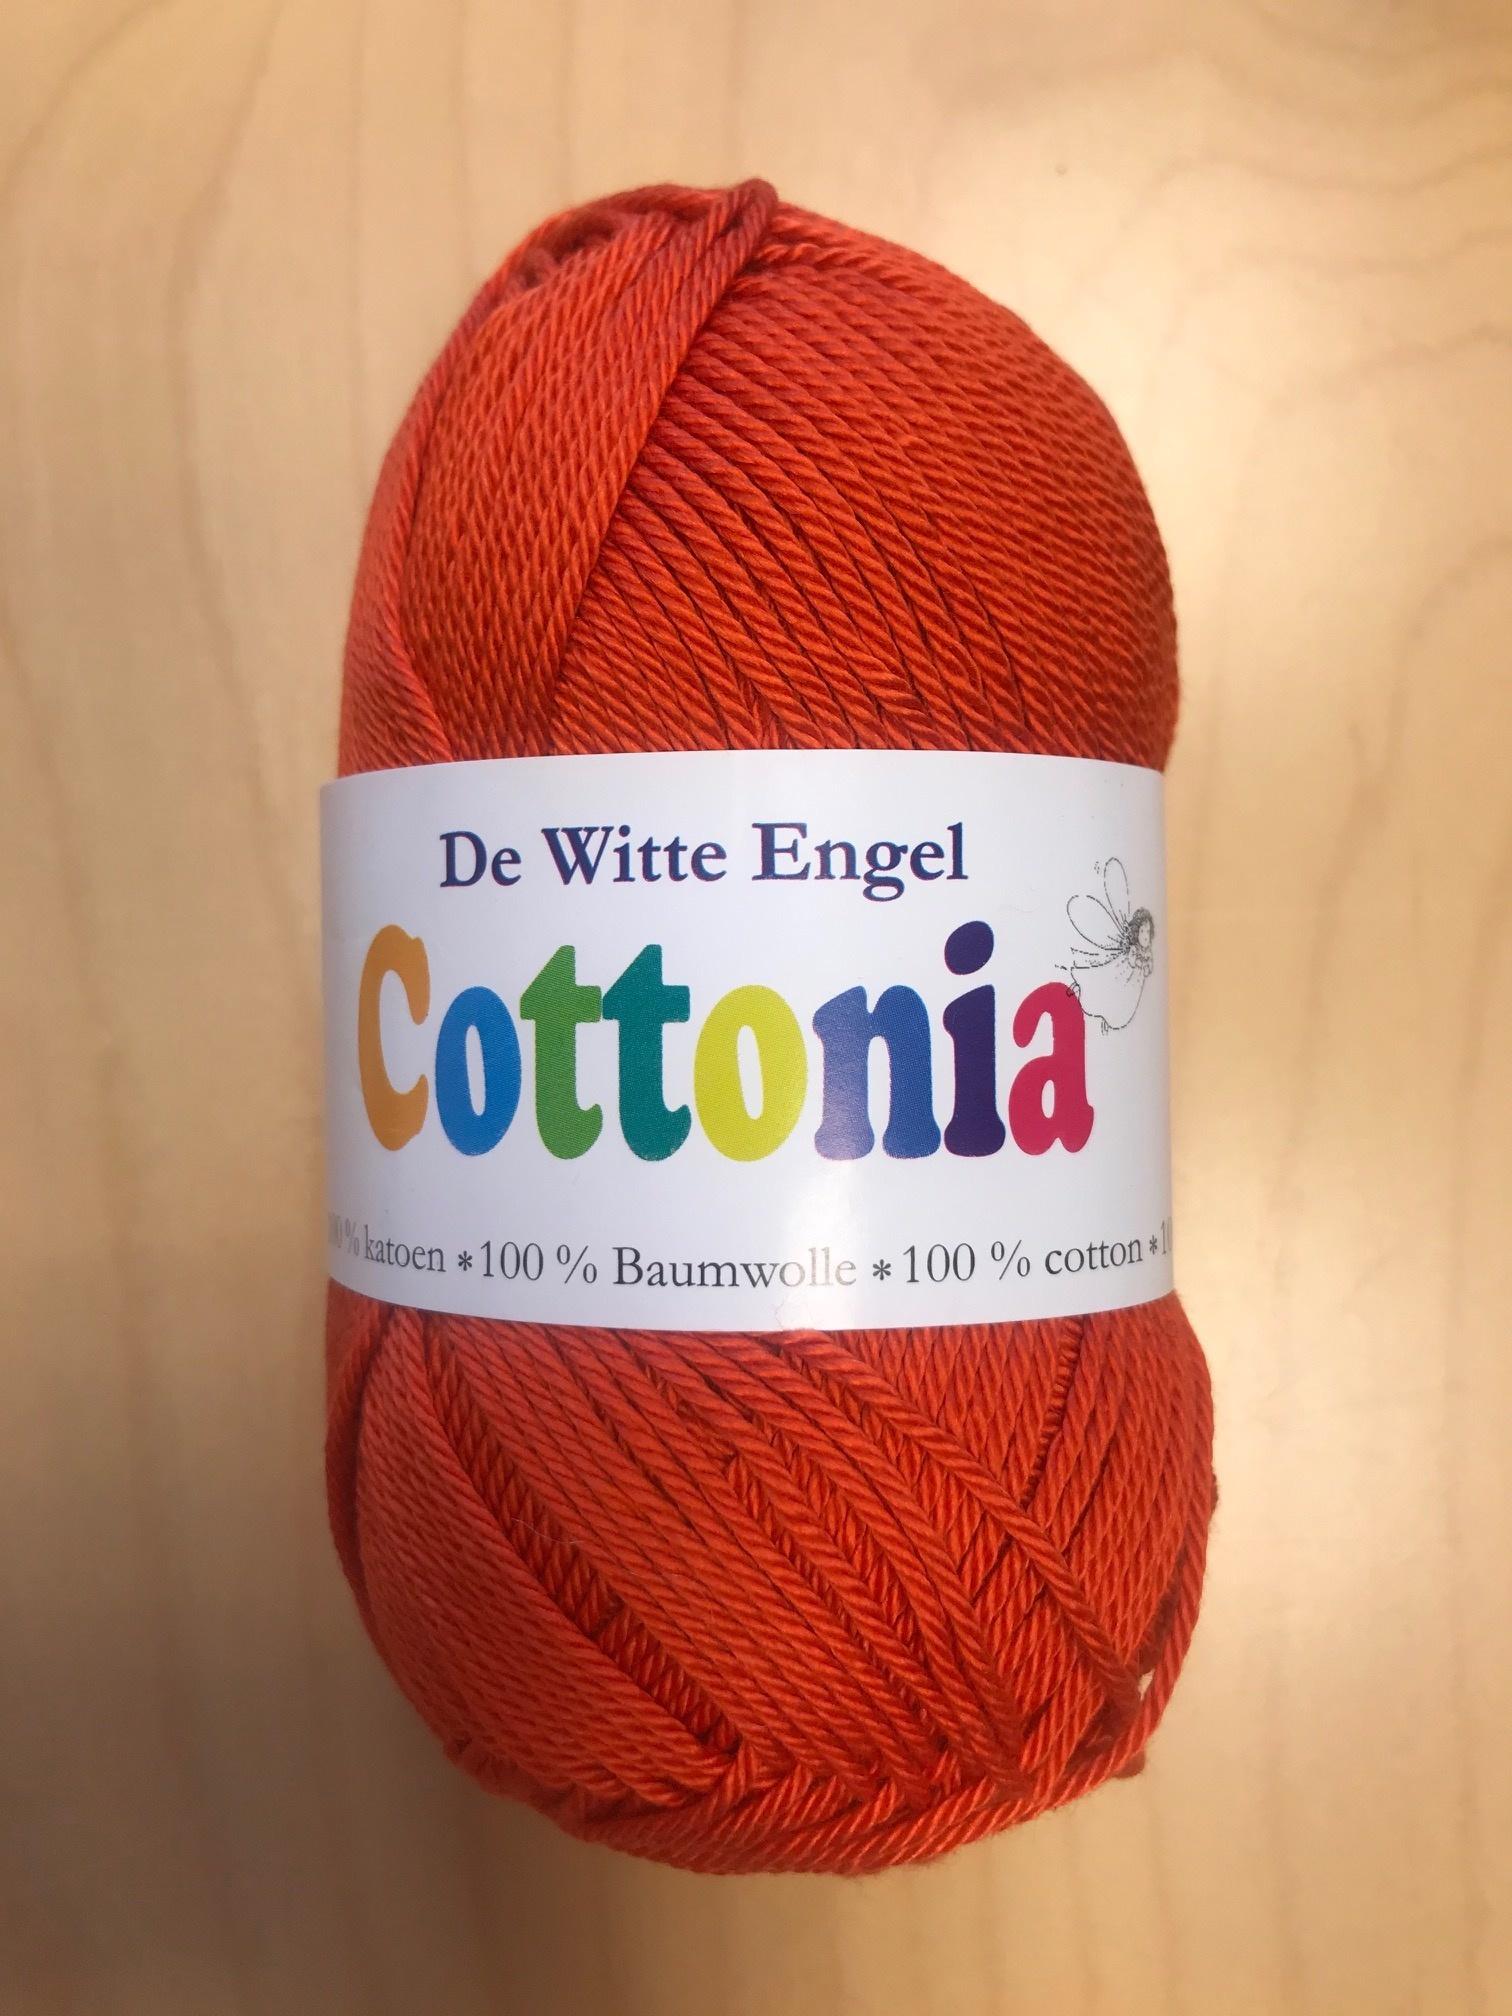 De Witte Engel De Witte Engel Cottonia brei- en haakkatoen - Oranje 198